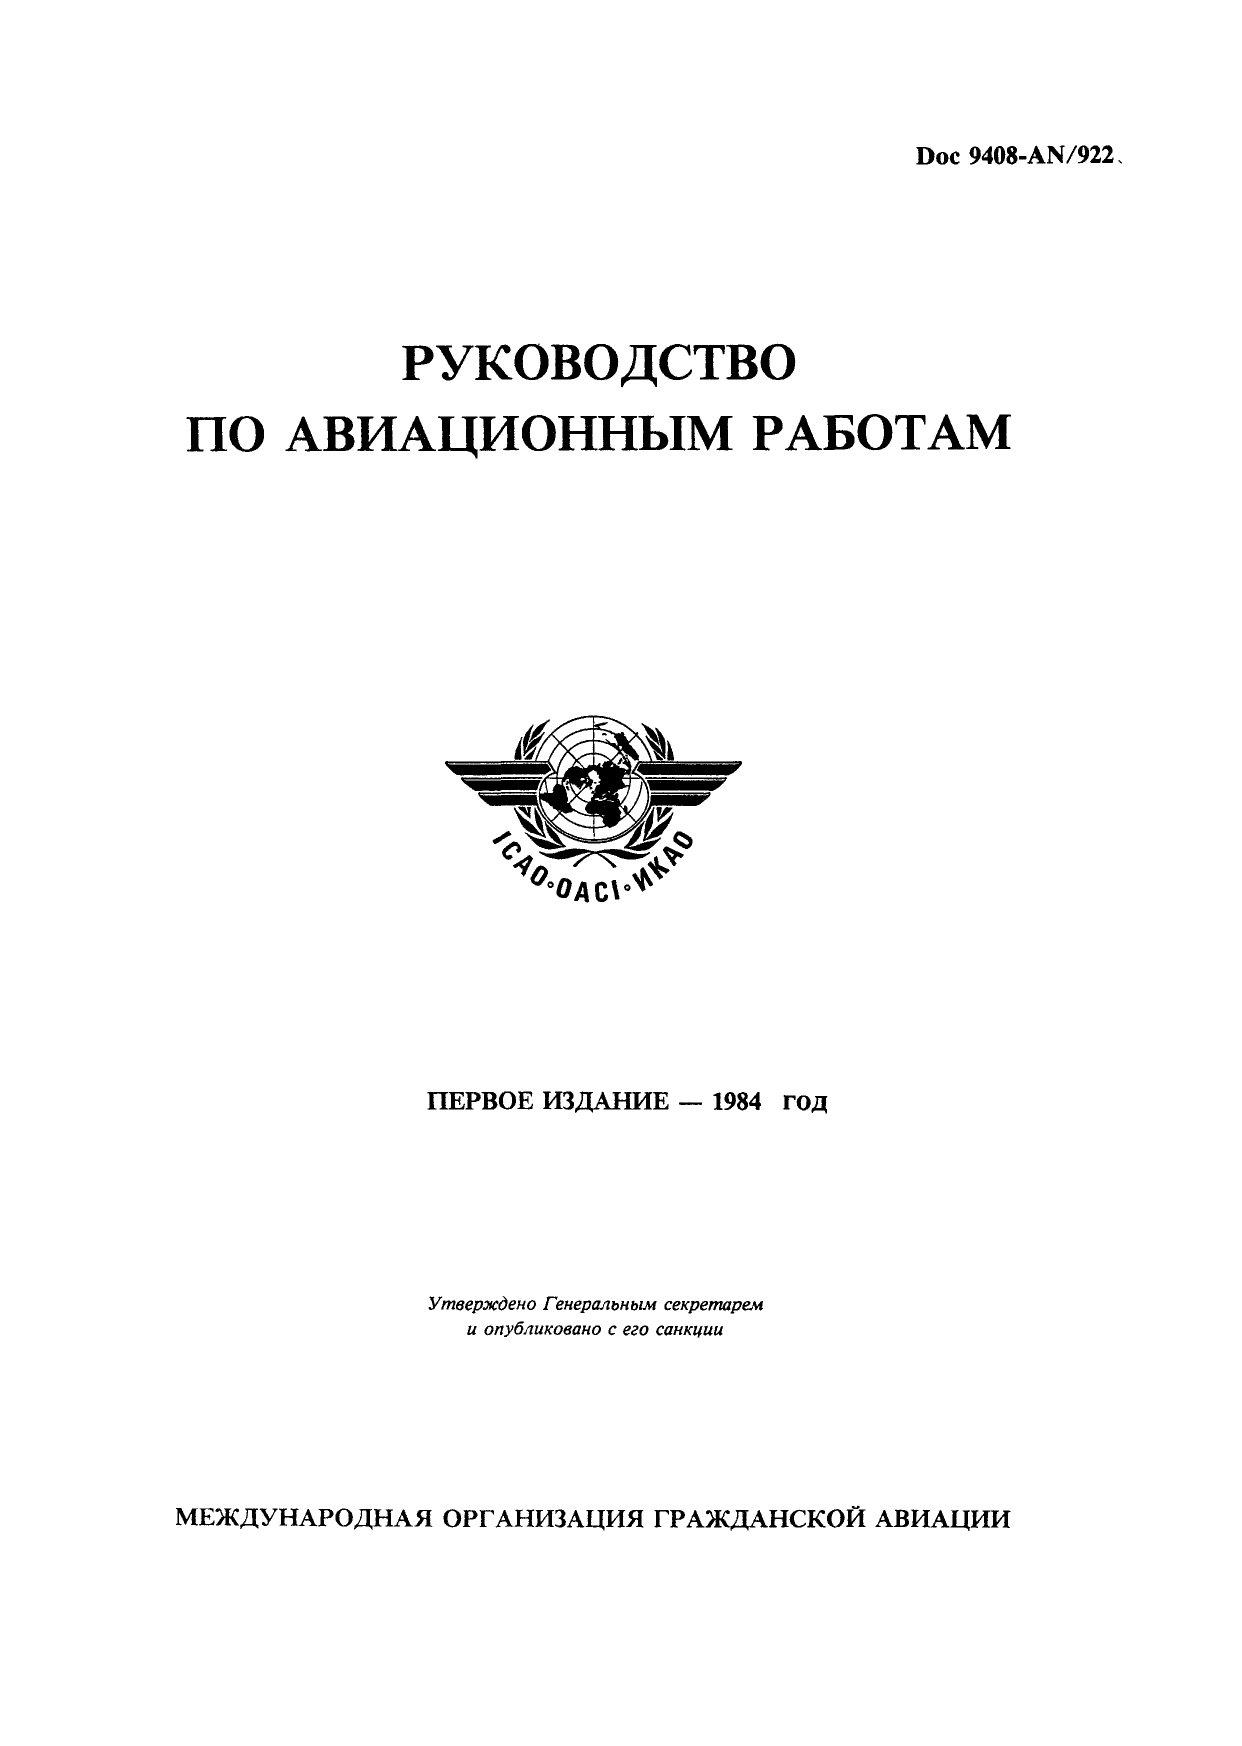 ICAO Doc 9408 Руководство по авиационным работам